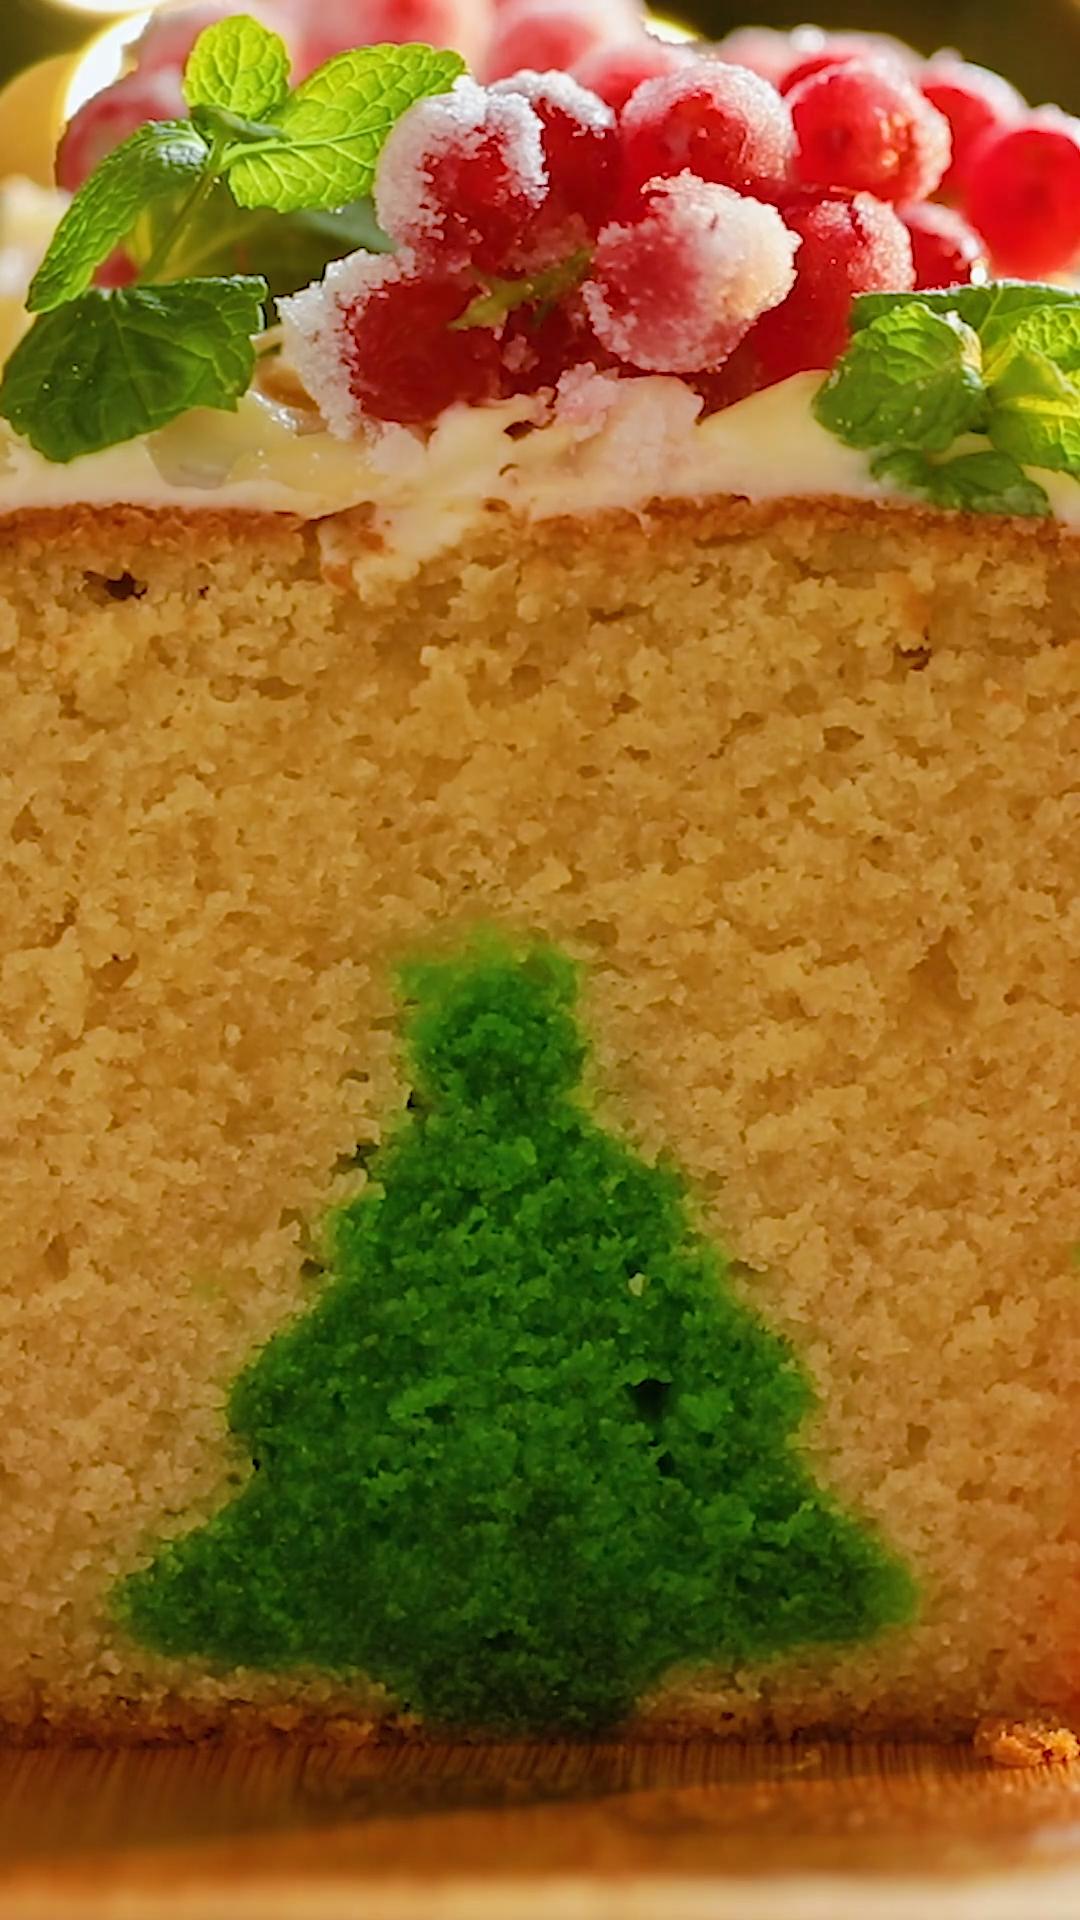 Christmas Tree Reveal Cake